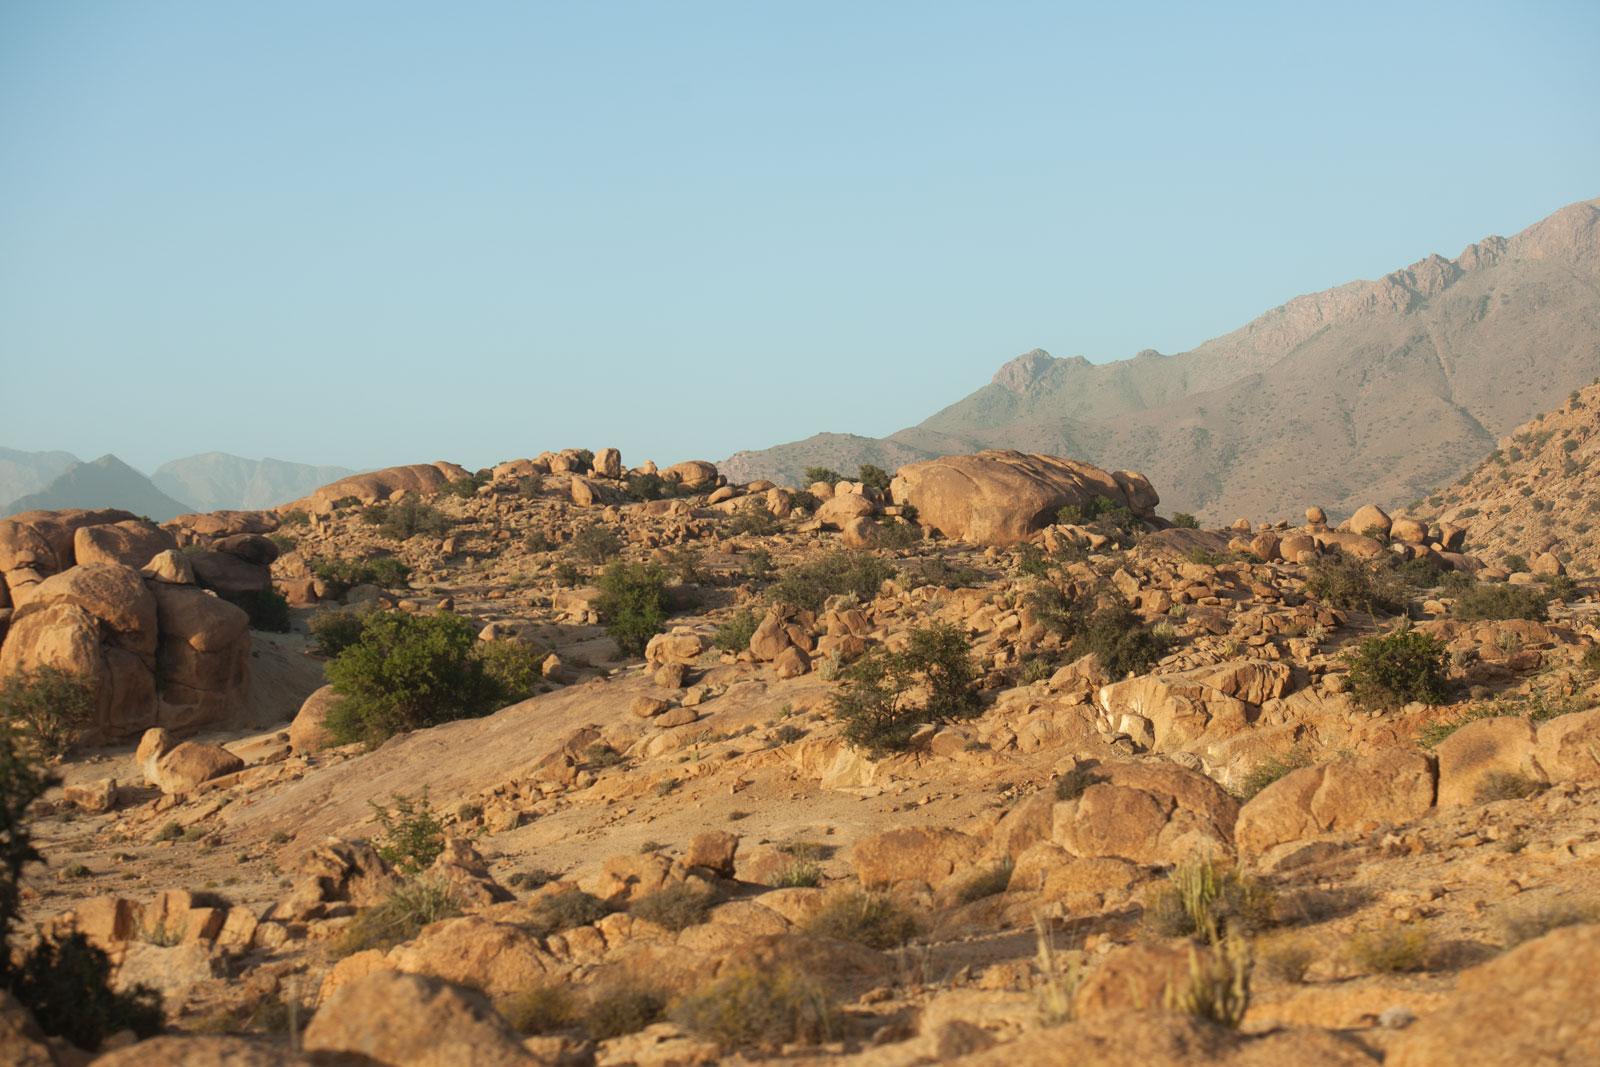 Bild einer Felslandschaft in den Bergen des Antiatlas Gebirges in Marokko